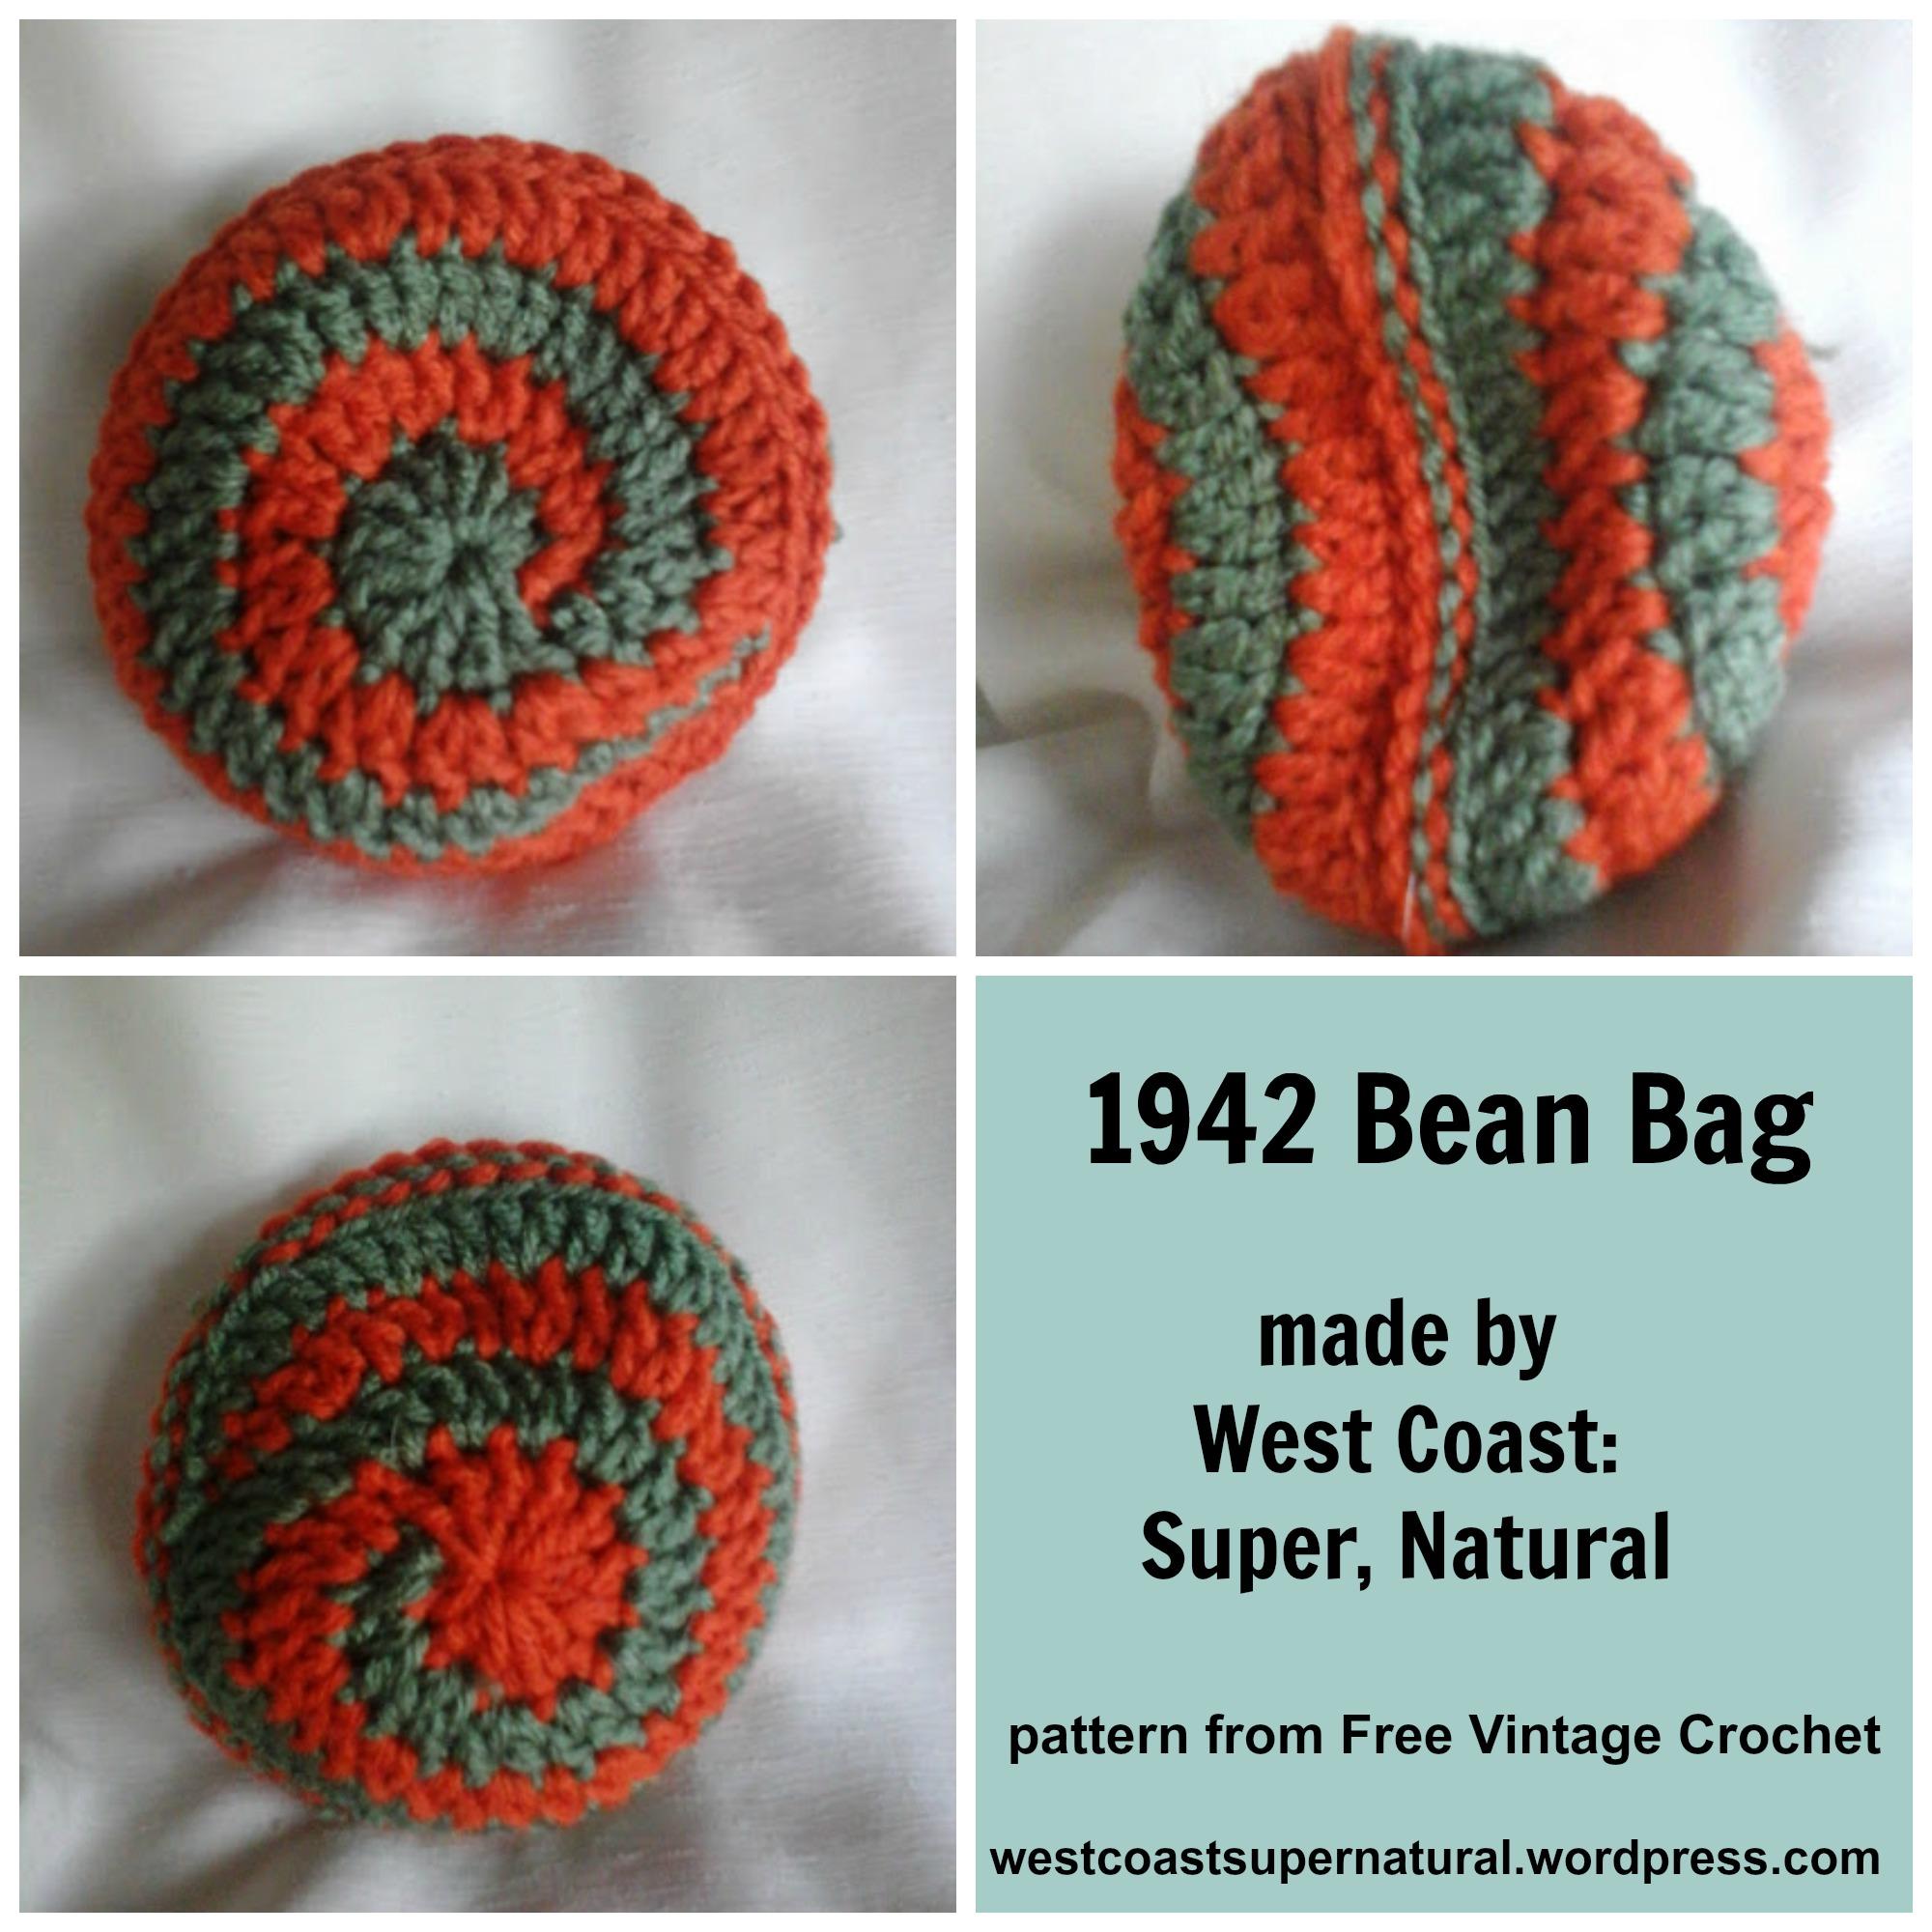 Crochet Bean Bag Tutorial : CAL West Coast Fibre Arts: Super, Natural Page 2